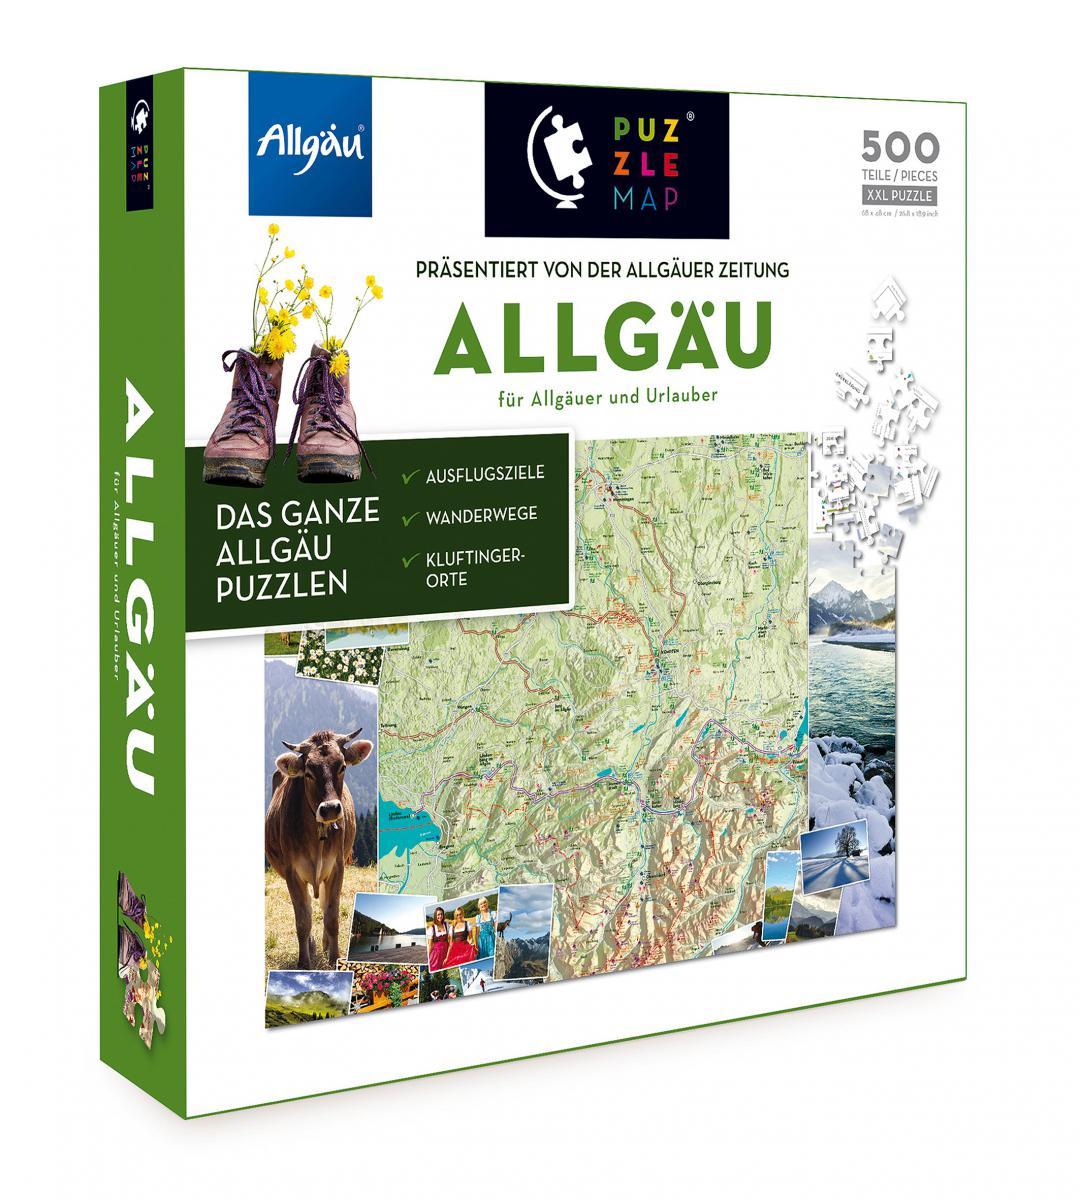 Allgäu Puzzle Map